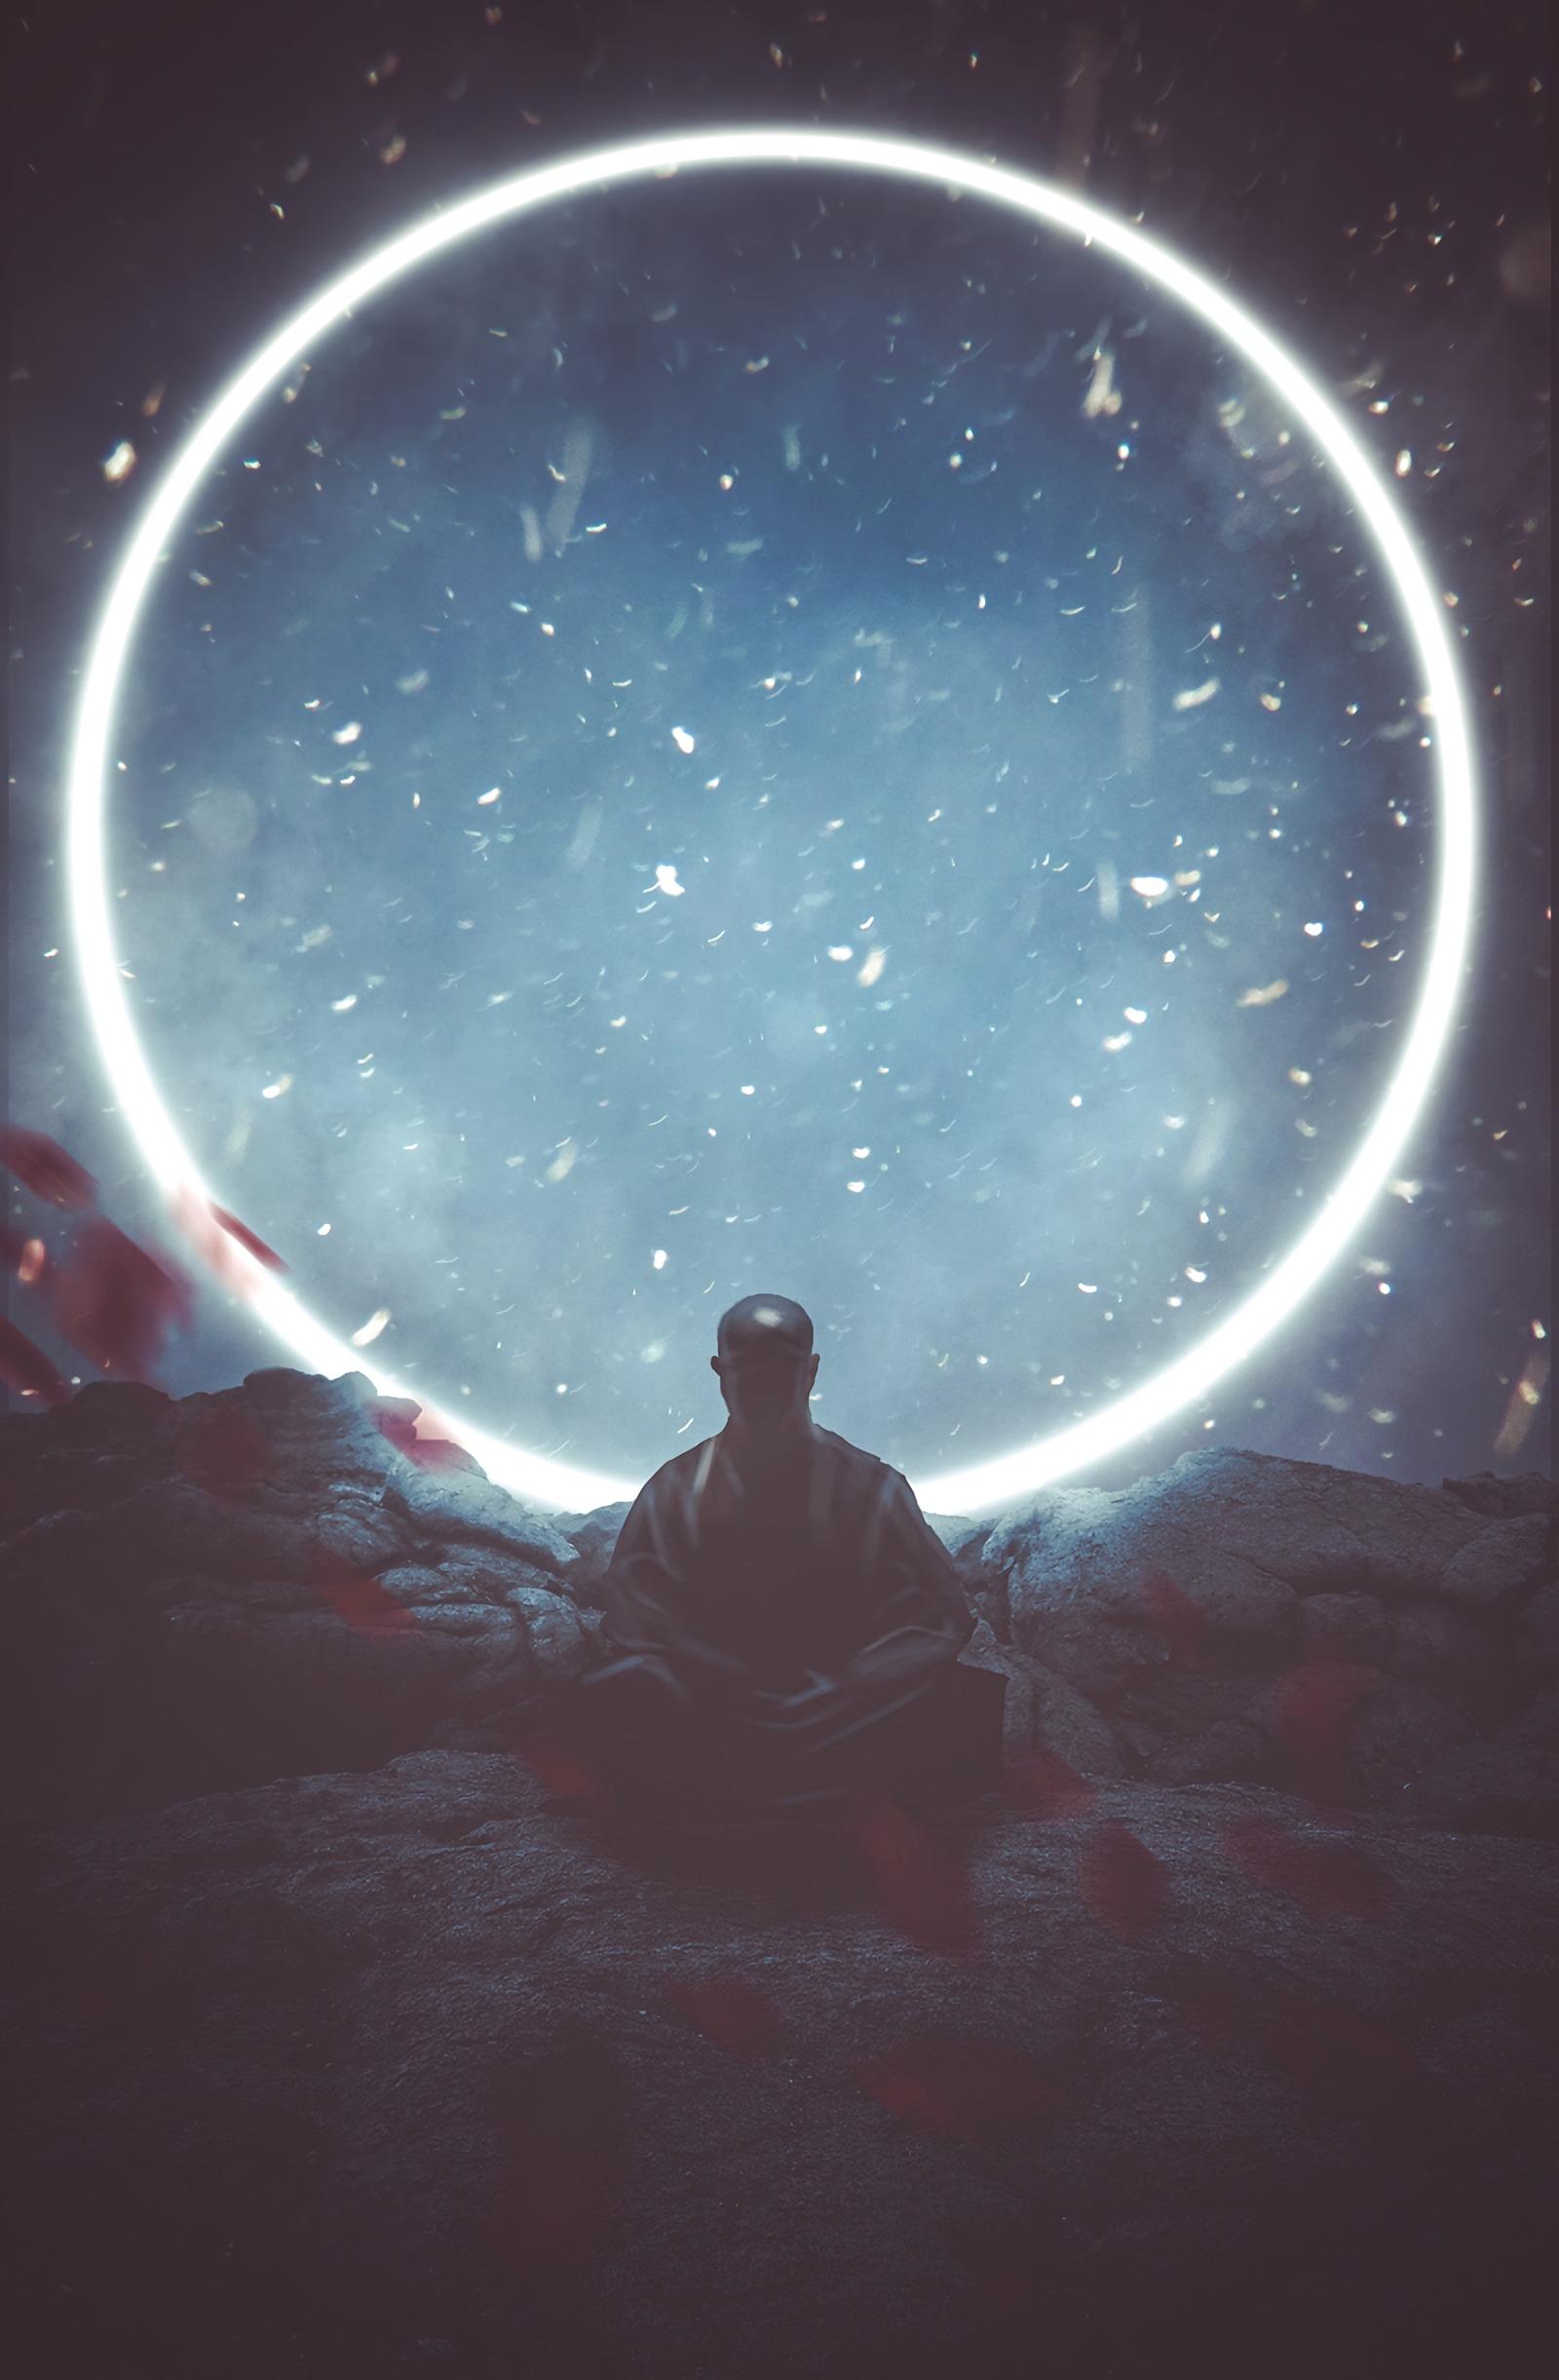 59435 скачать обои Арт, Будда, Медитация, Буддизм, Круг, Свечение - заставки и картинки бесплатно